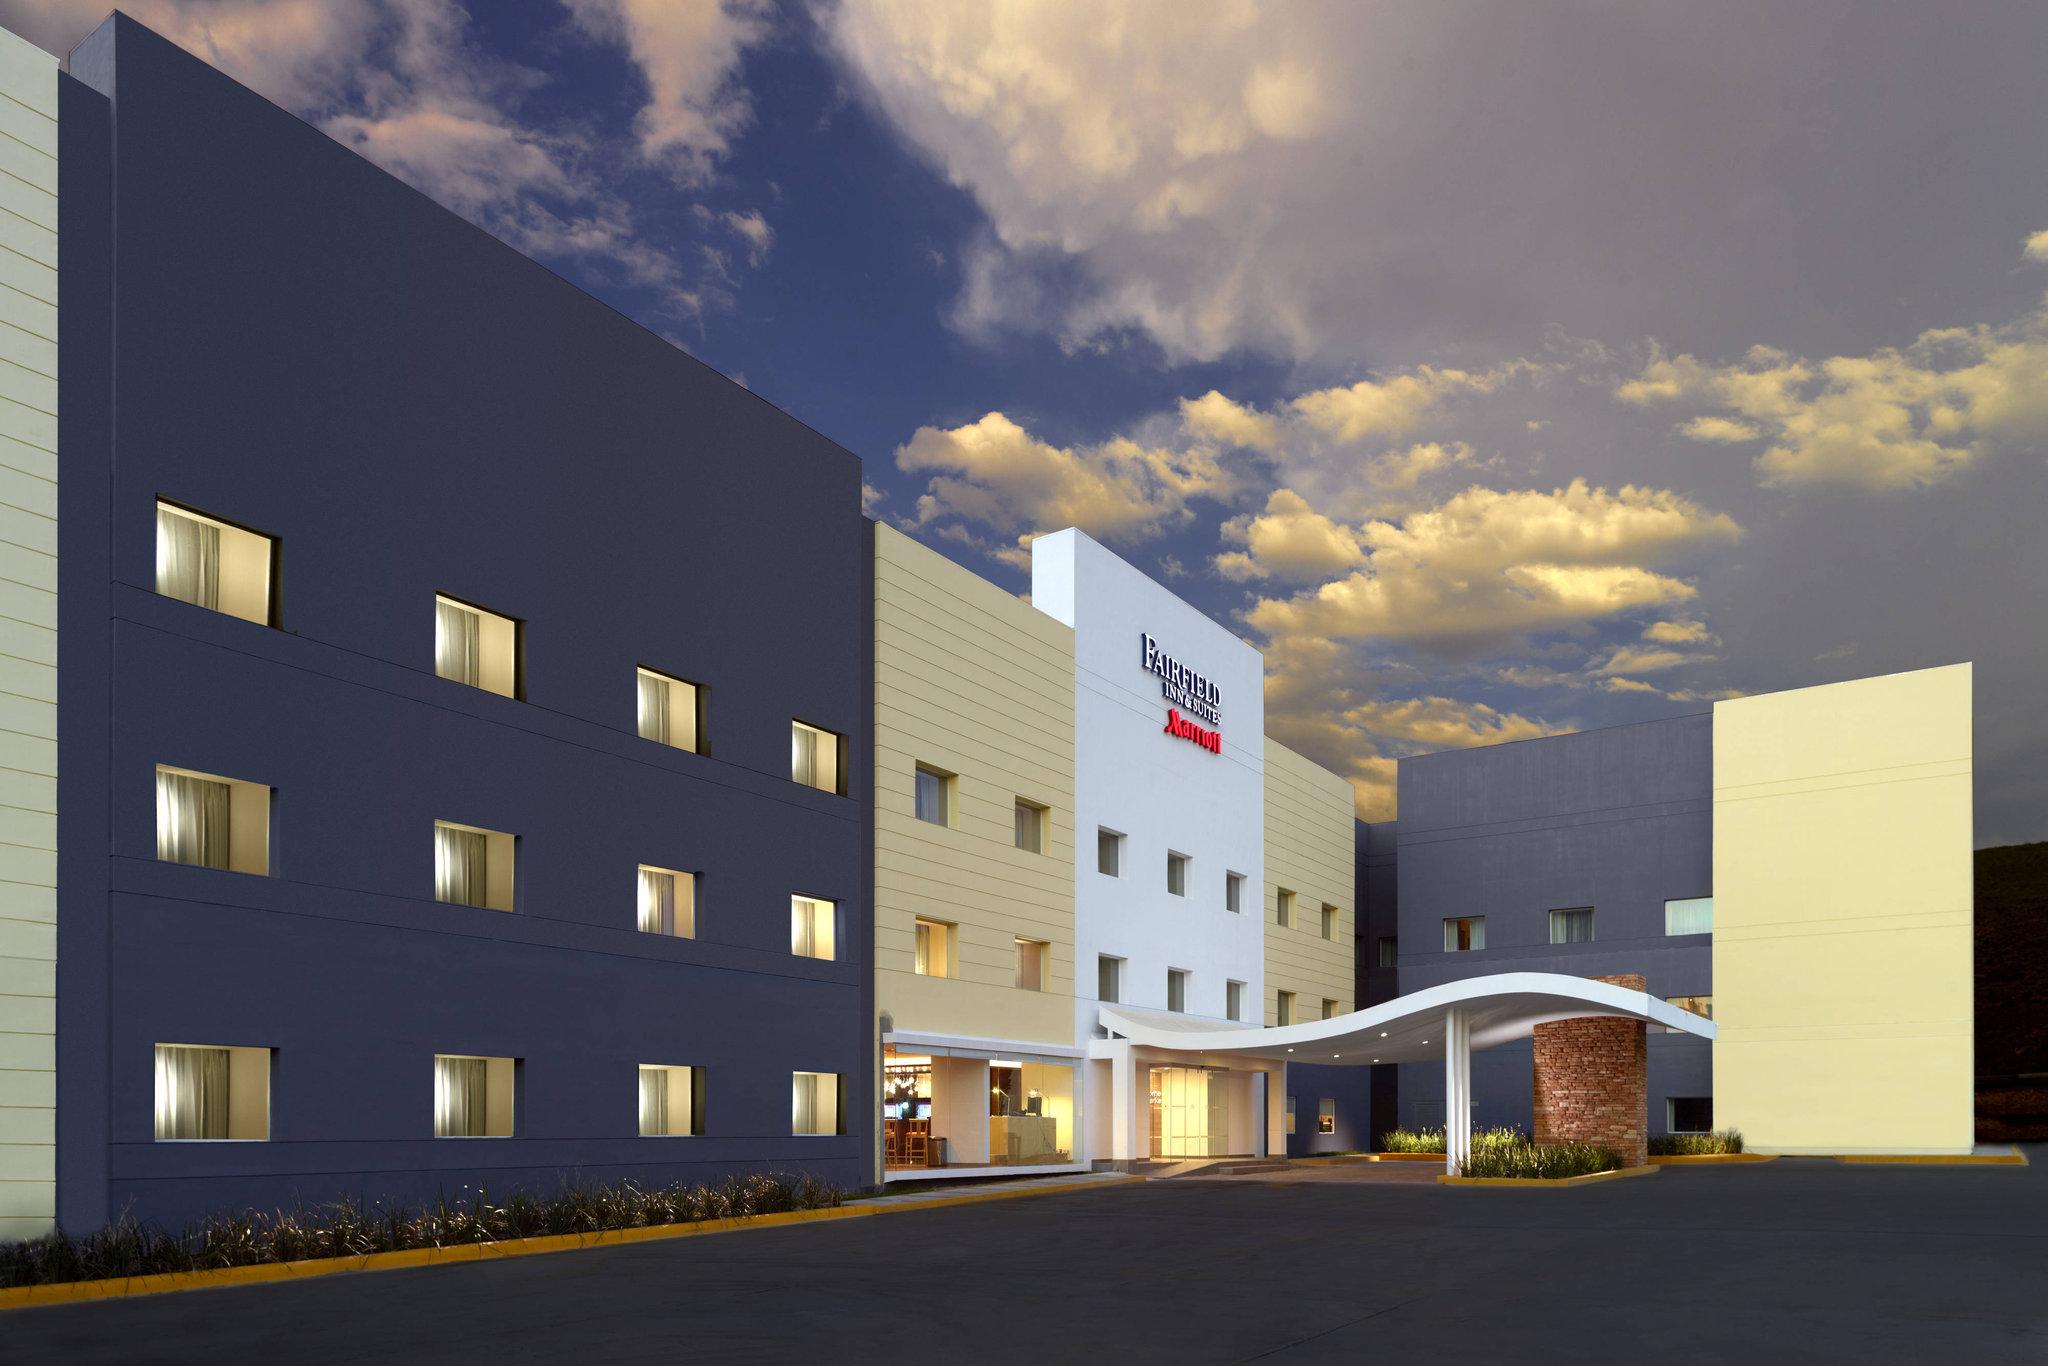 Fairfield Inn & Suites Saltillo